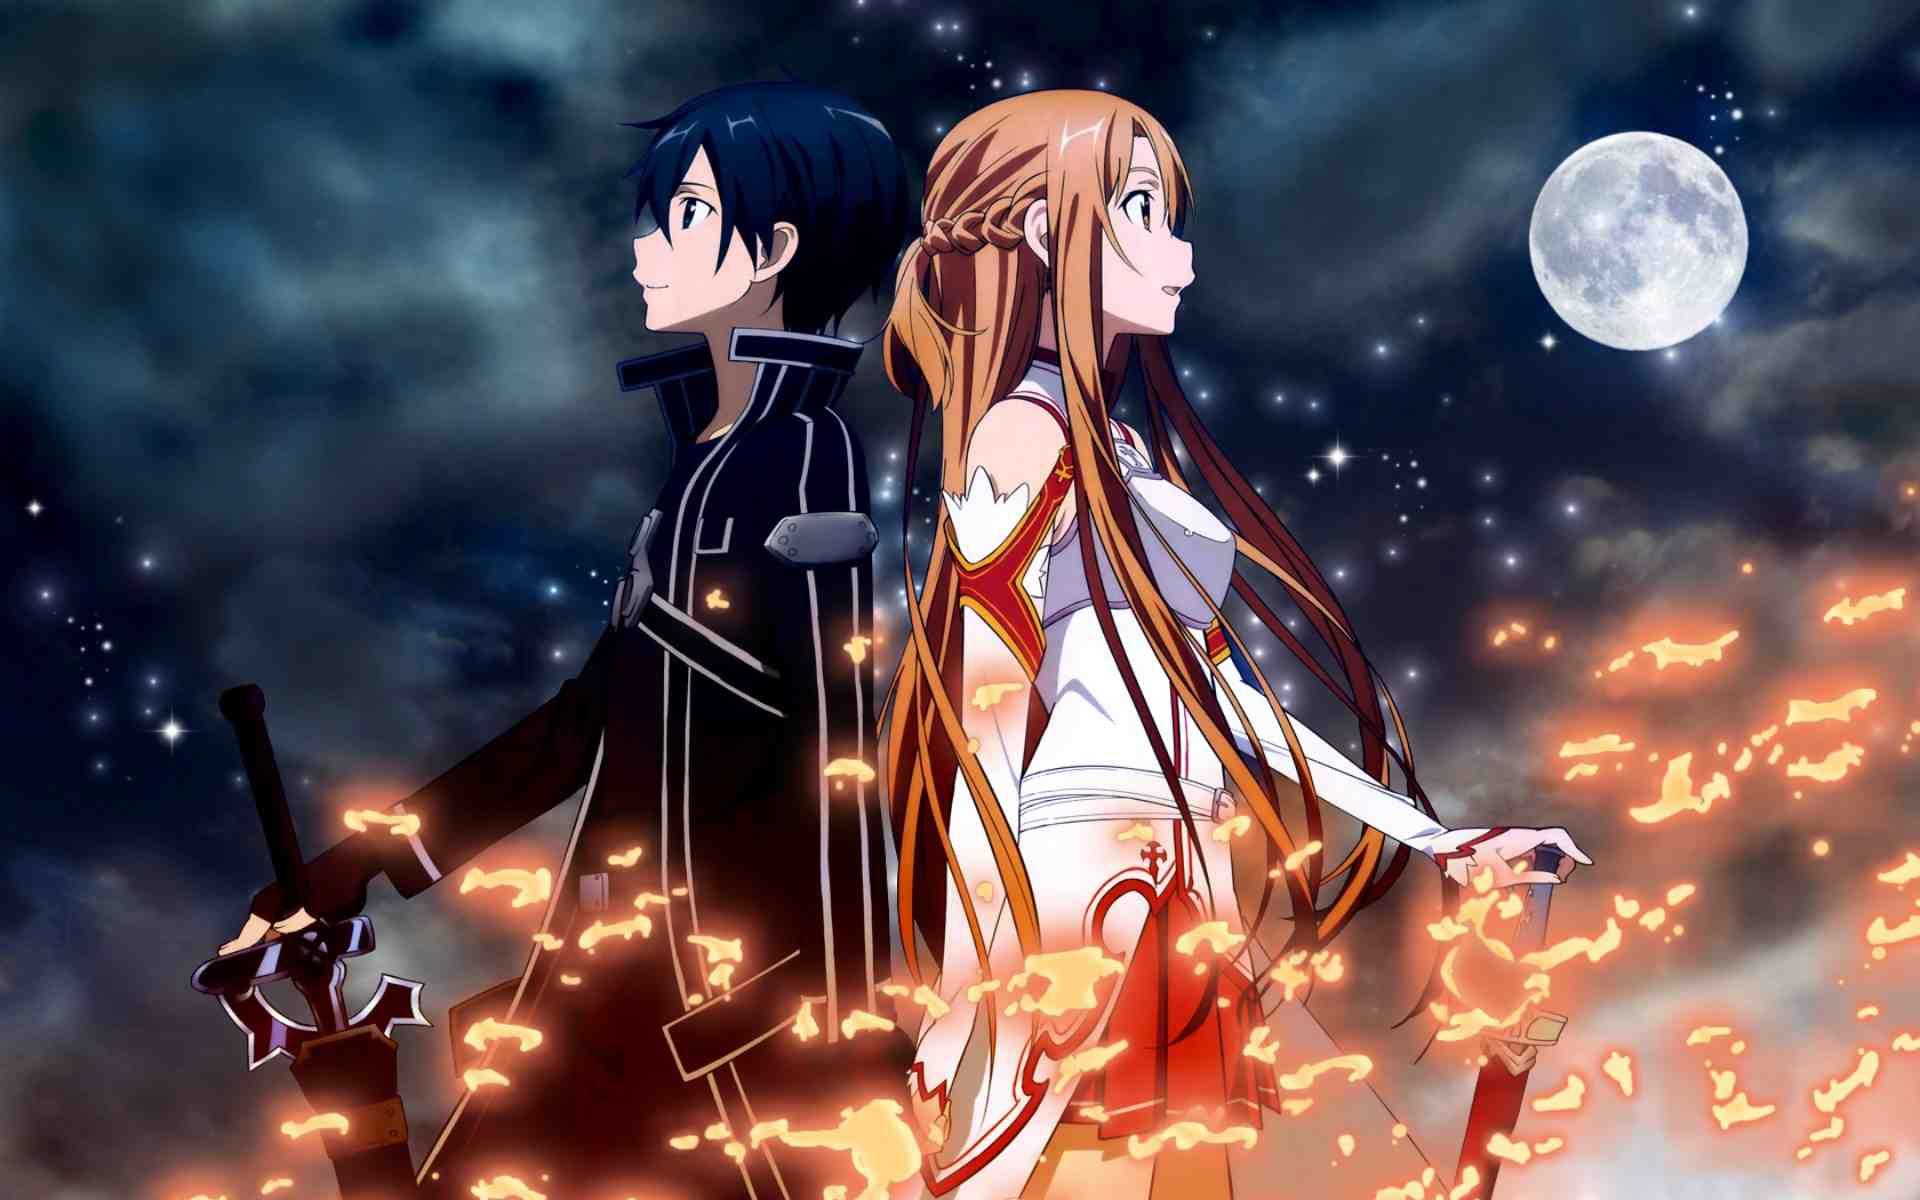 Những bộ manga hứa hẹn làm 'nguyên liệu game' được yêu thích nhất 2015